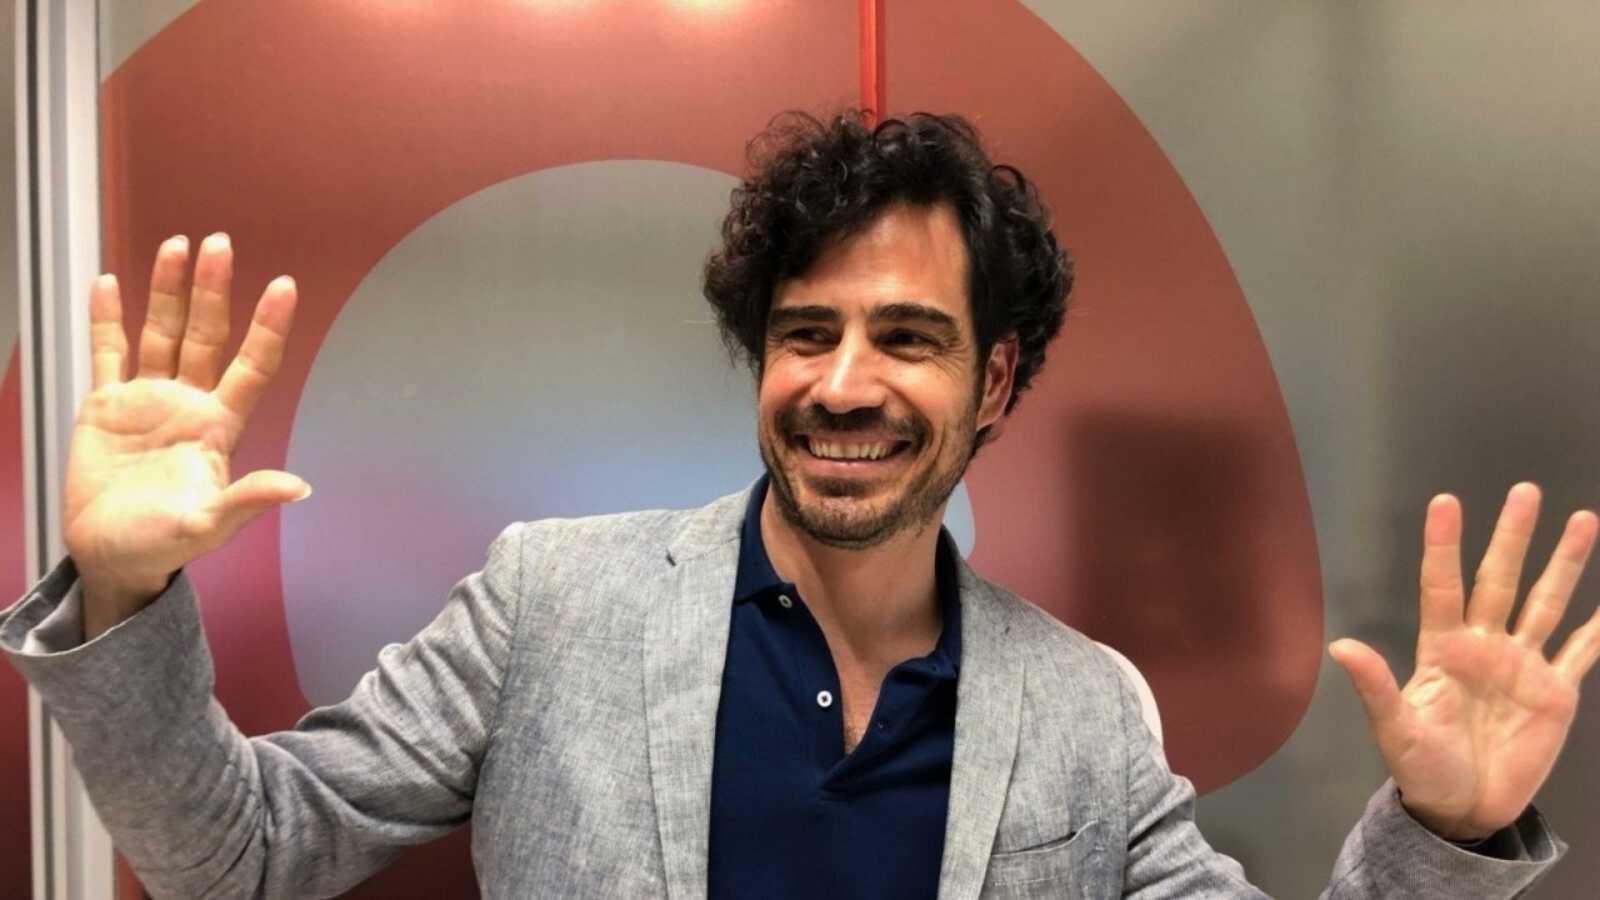 El ojo crítico - Pablo Sáinz Villegas, un clásico de la guitarra - 06/04/21 - escuchar ahora